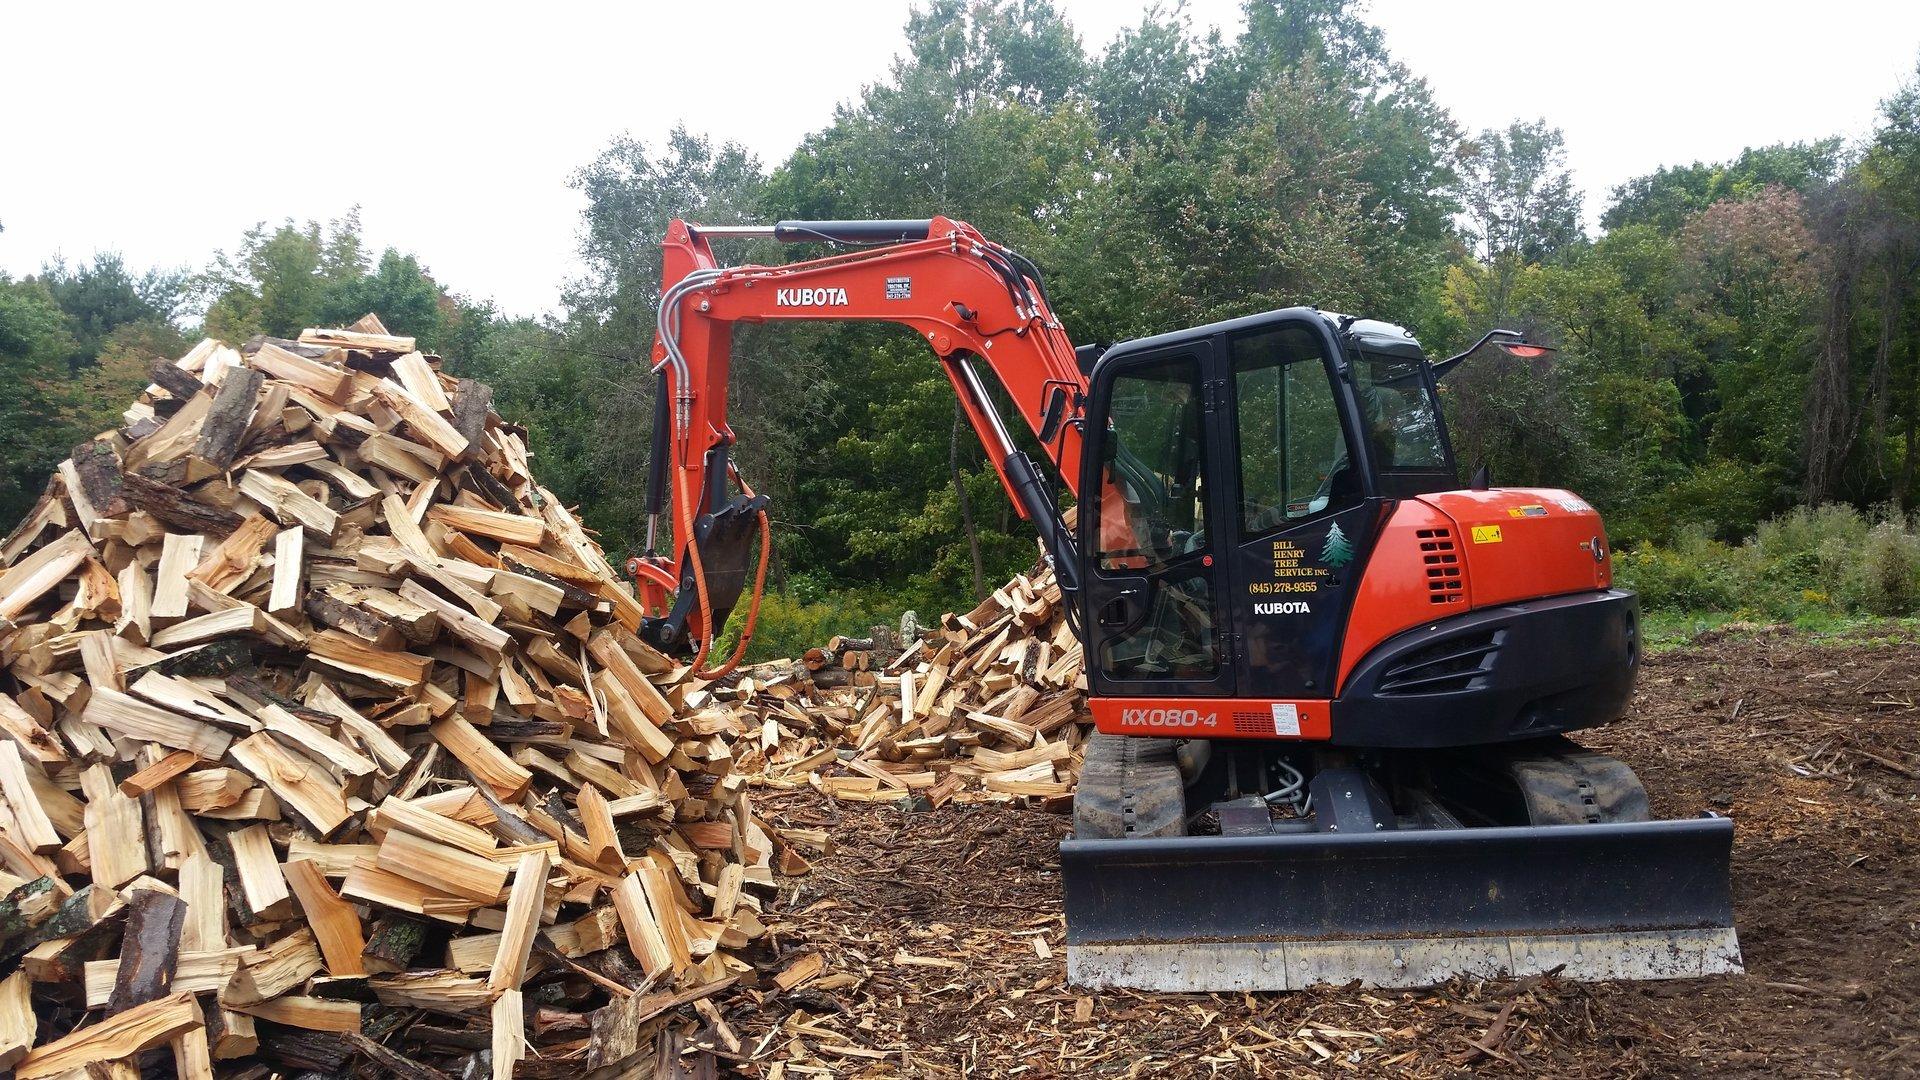 machine grabbing logs on pile